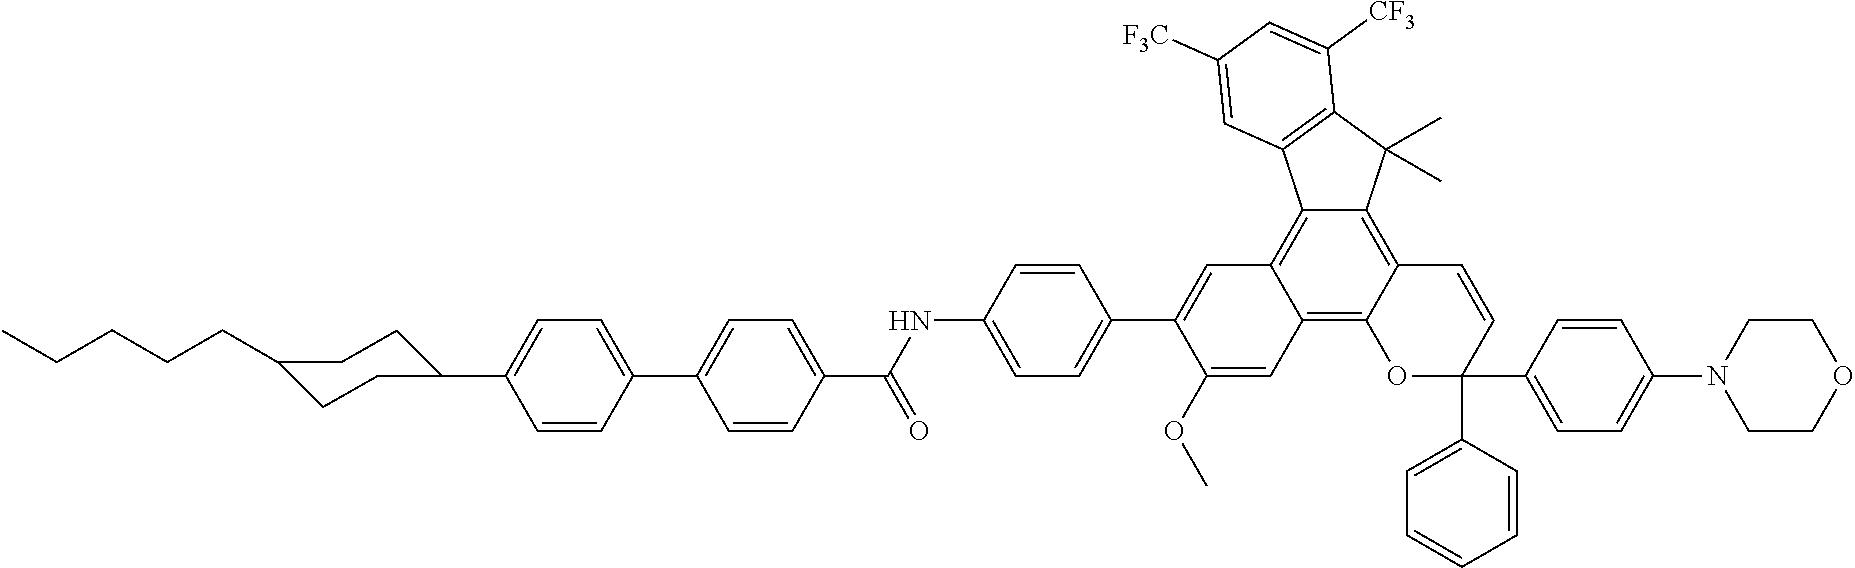 Figure US08518546-20130827-C00050